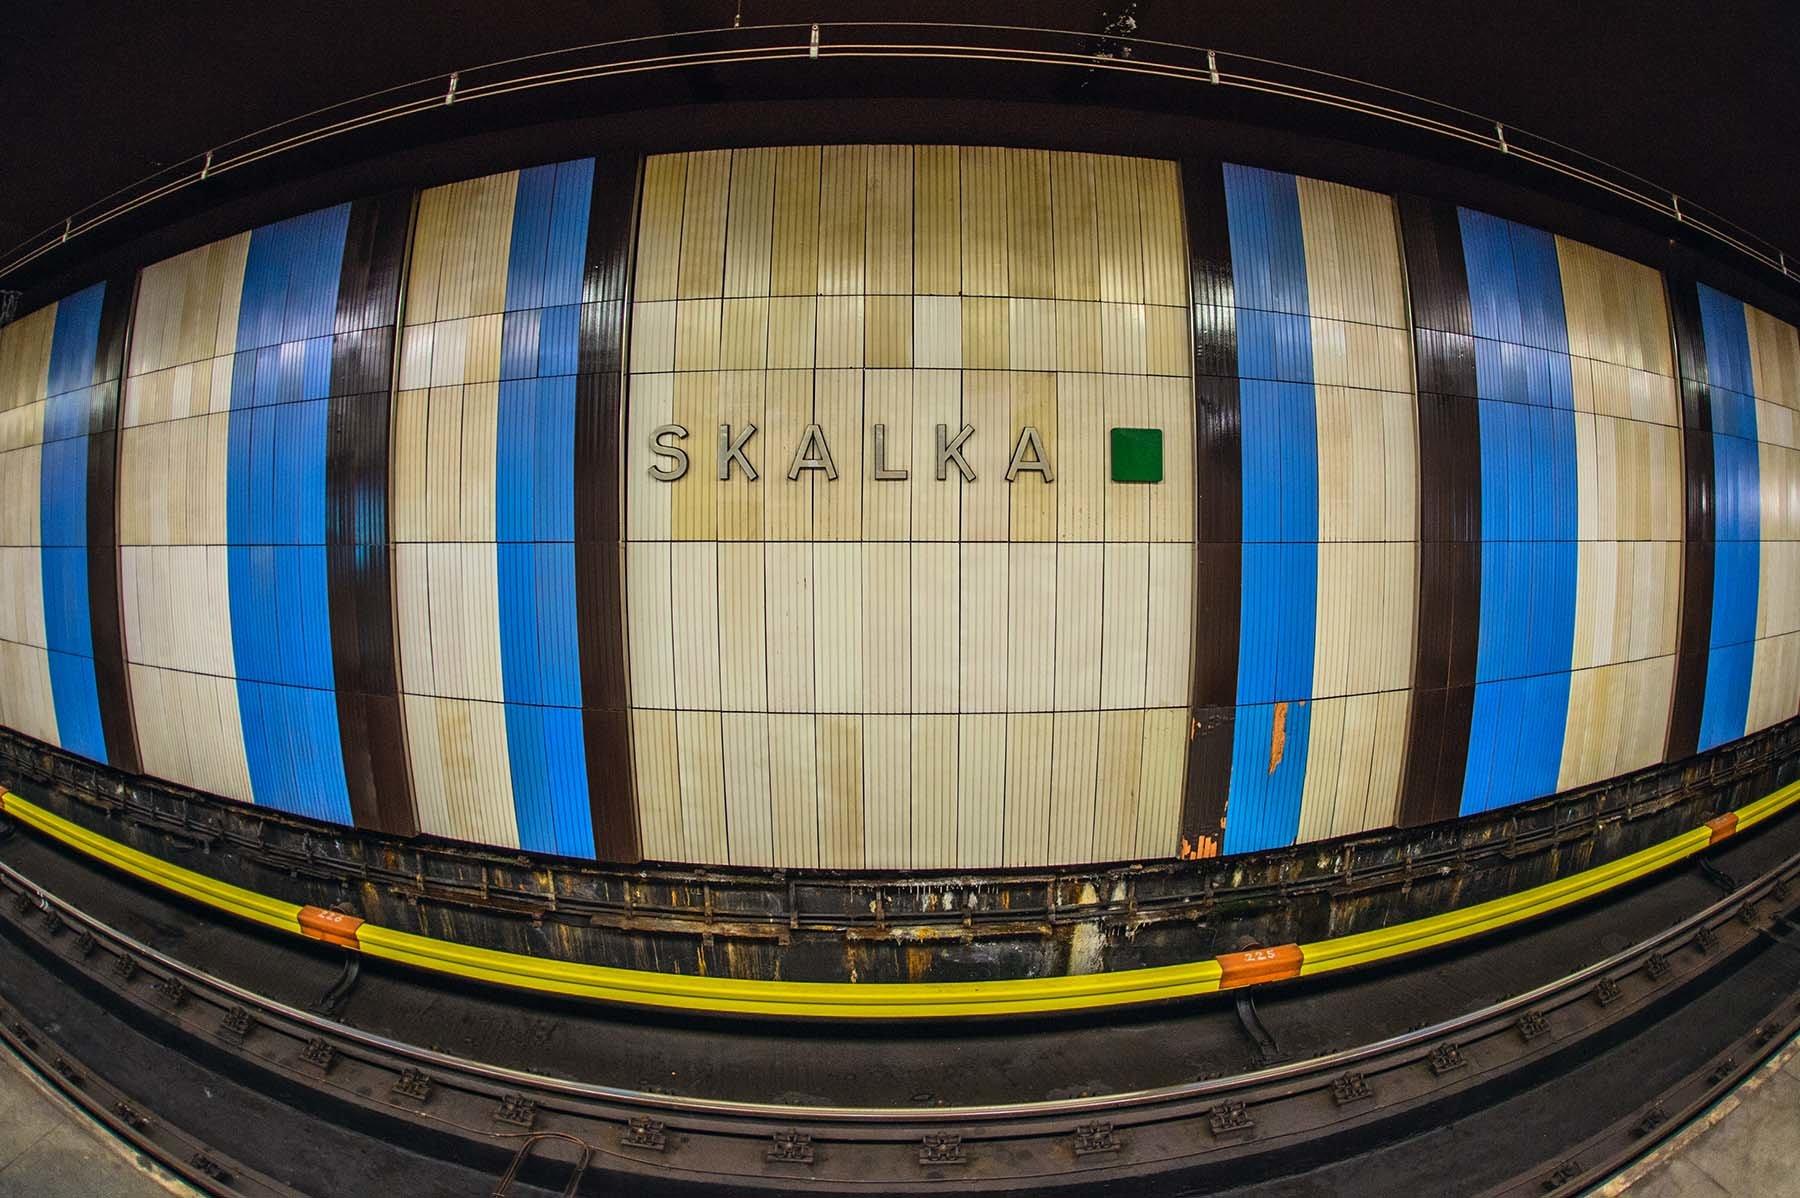 Kolorowa stacja metra w czeskiej Pradze.